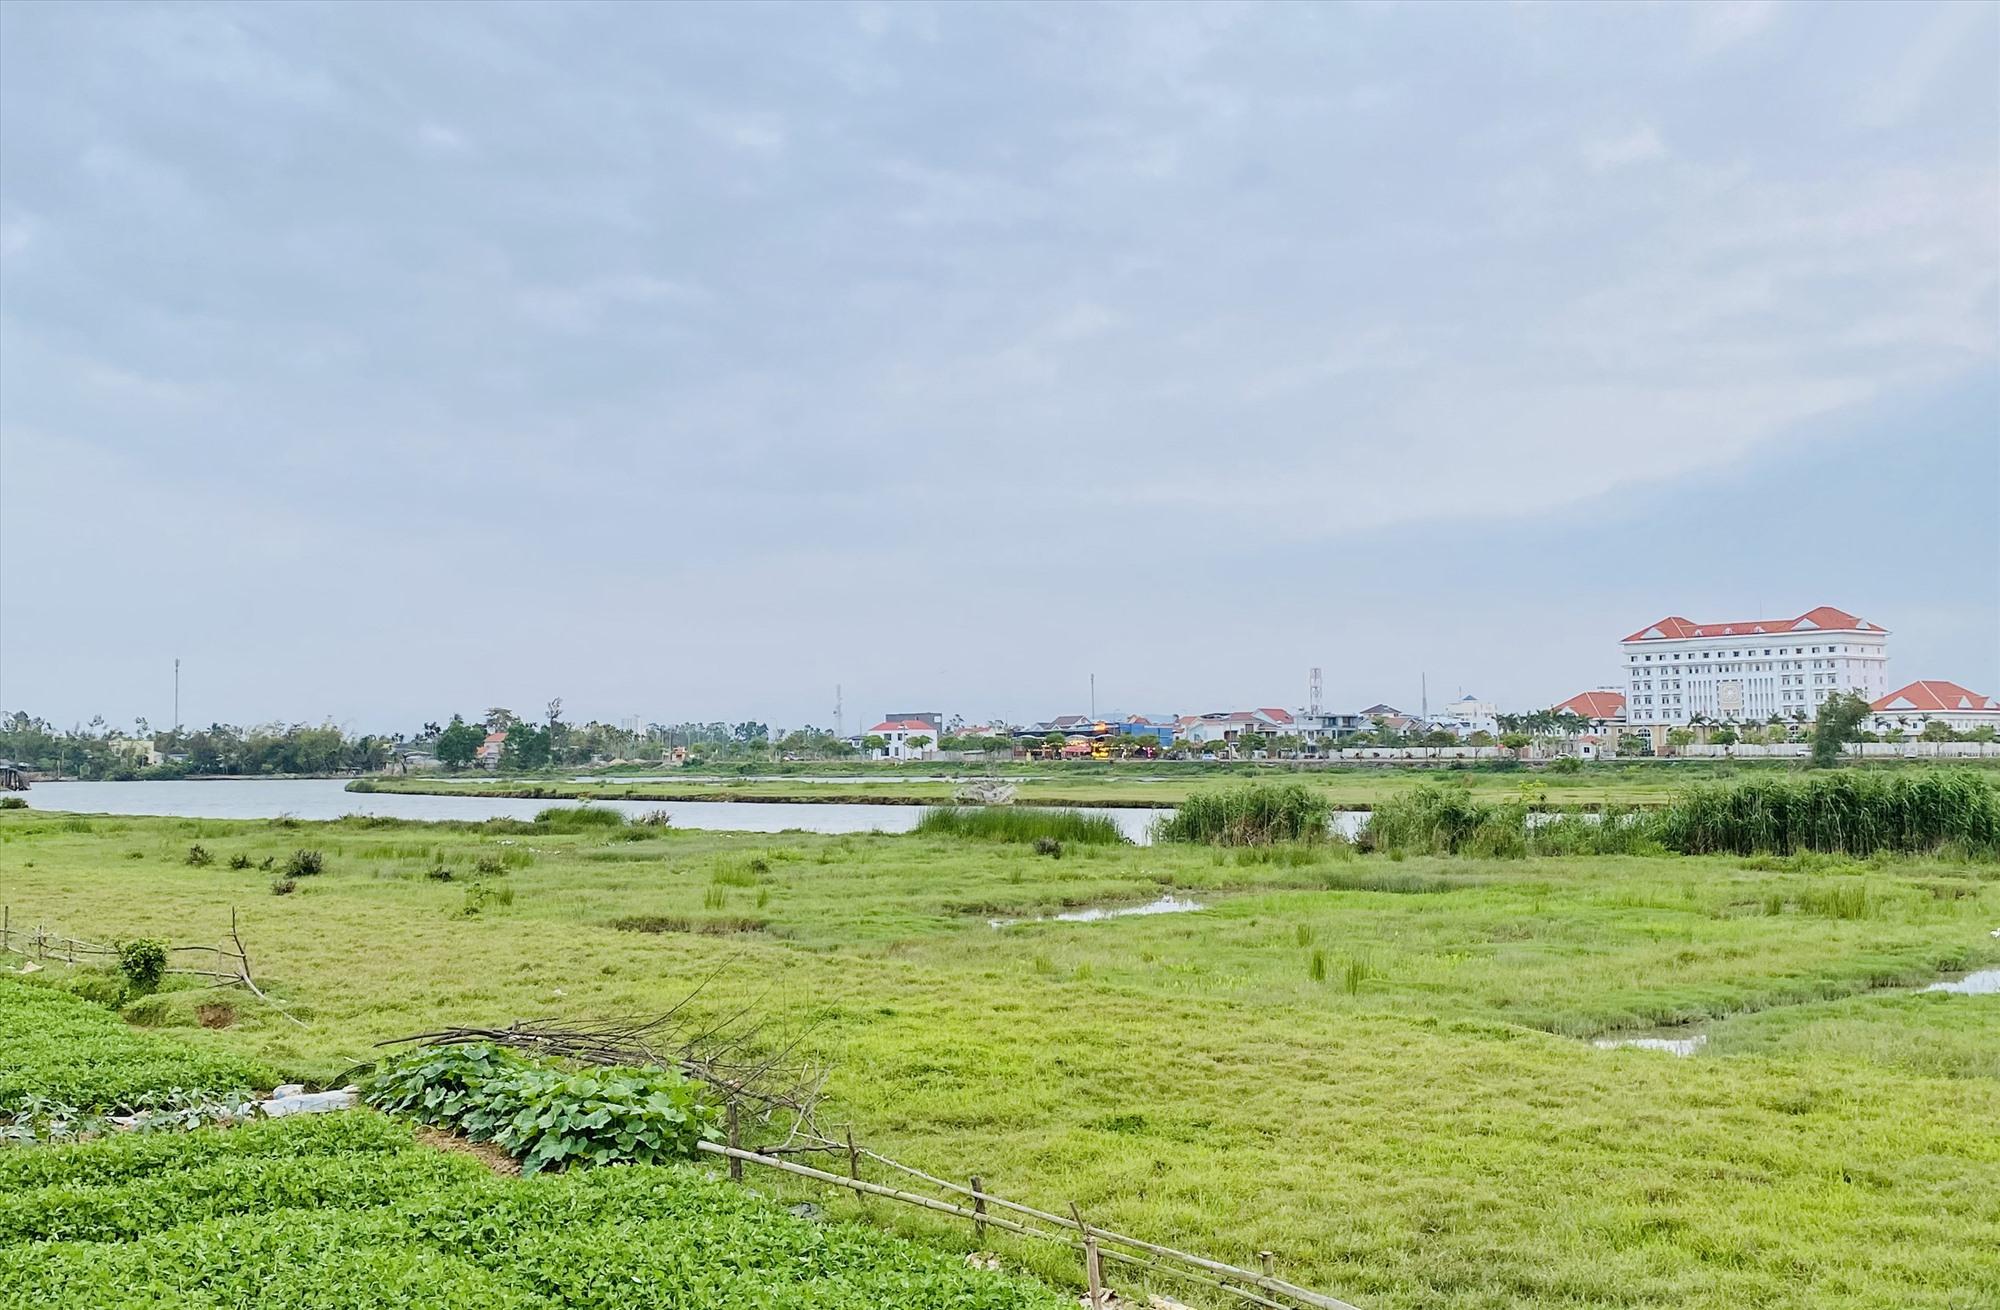 Vùng phía đông sông Bàn Thạch sẽ được dành cho đô thị, dịch vụ, du lịch và bảo tồn cảnh quan.Ảnh: T.THƯ